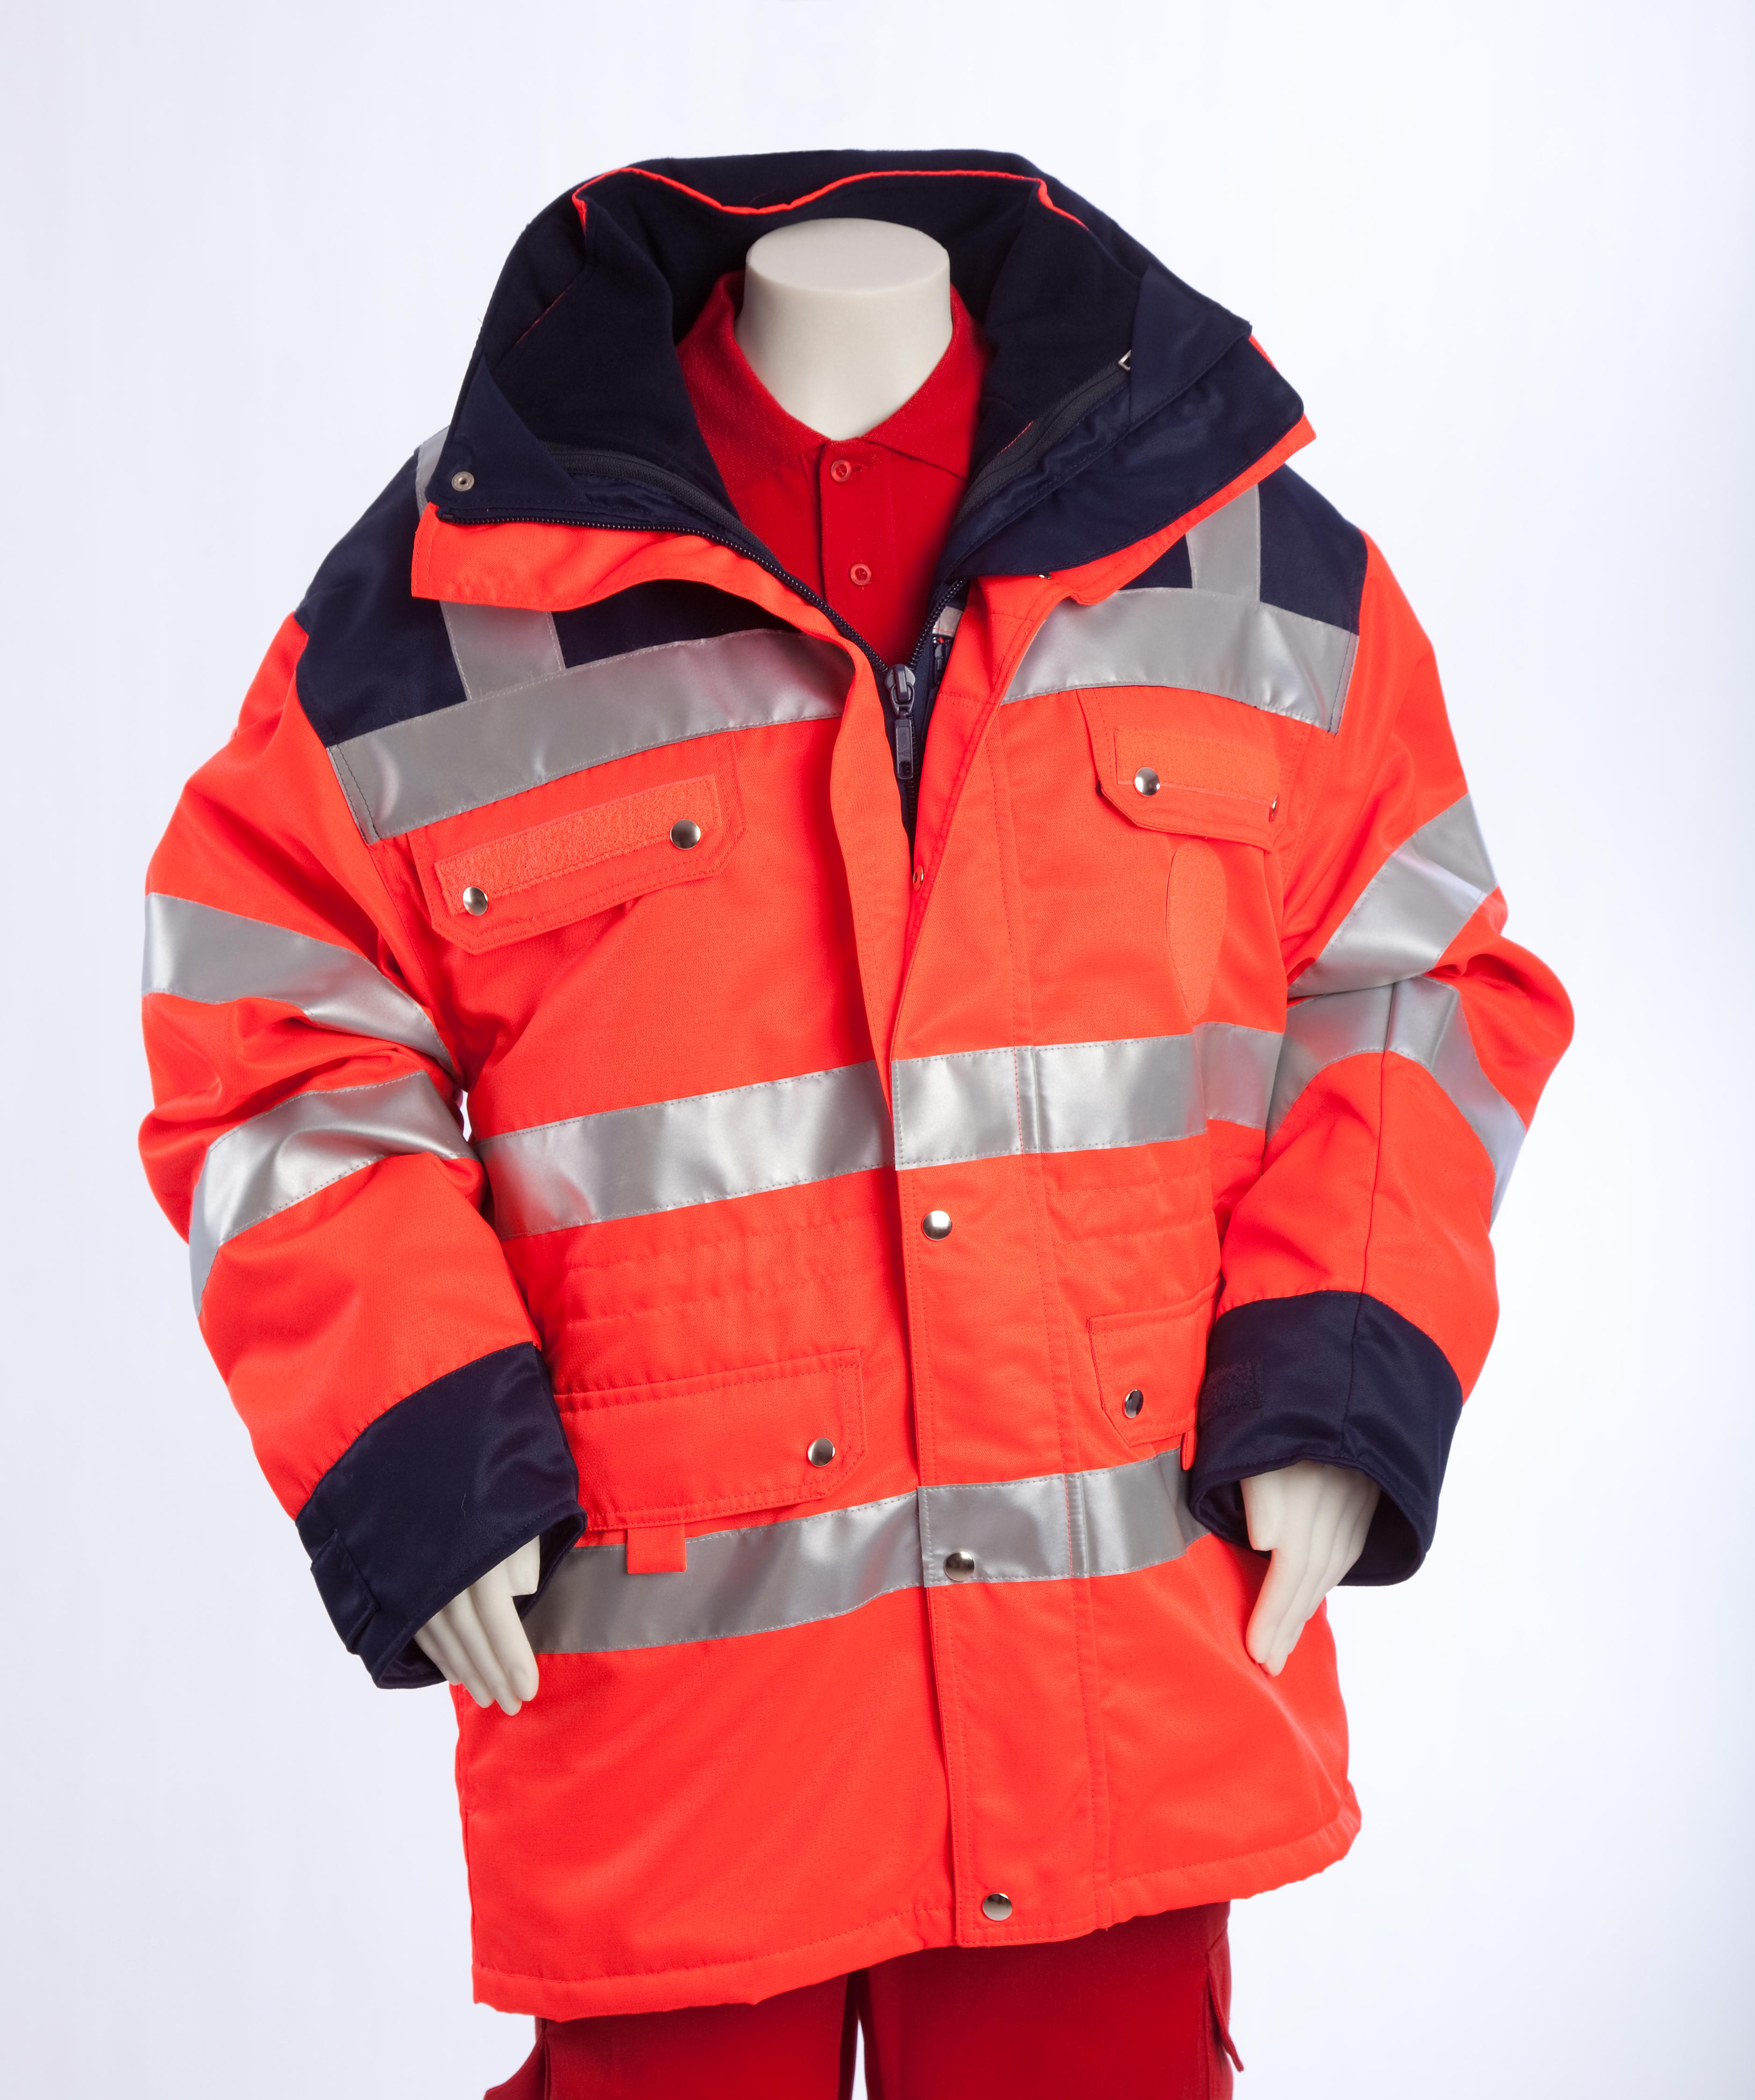 Sonderangebot, Warnschutzanorak, Warnschutzkleidung, - nur solange Vorrat reicht